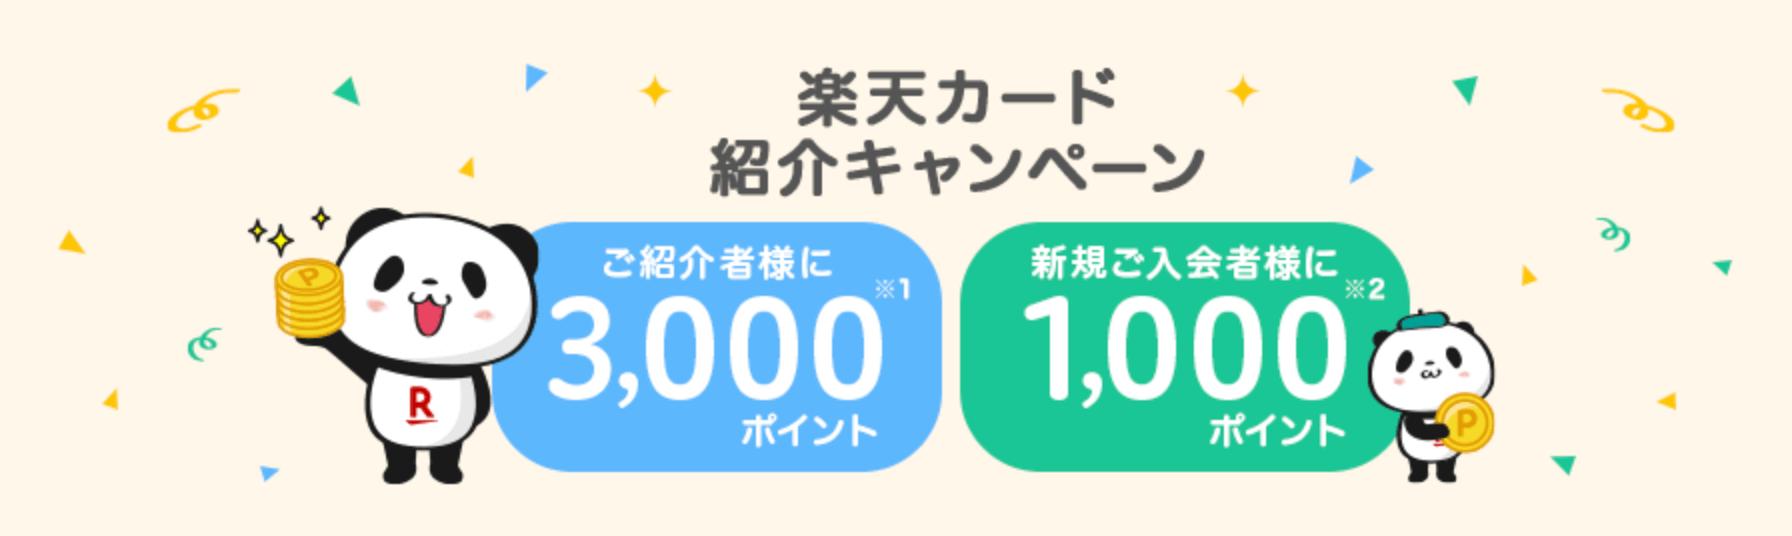 楽天カード紹介キャンペーンとは?